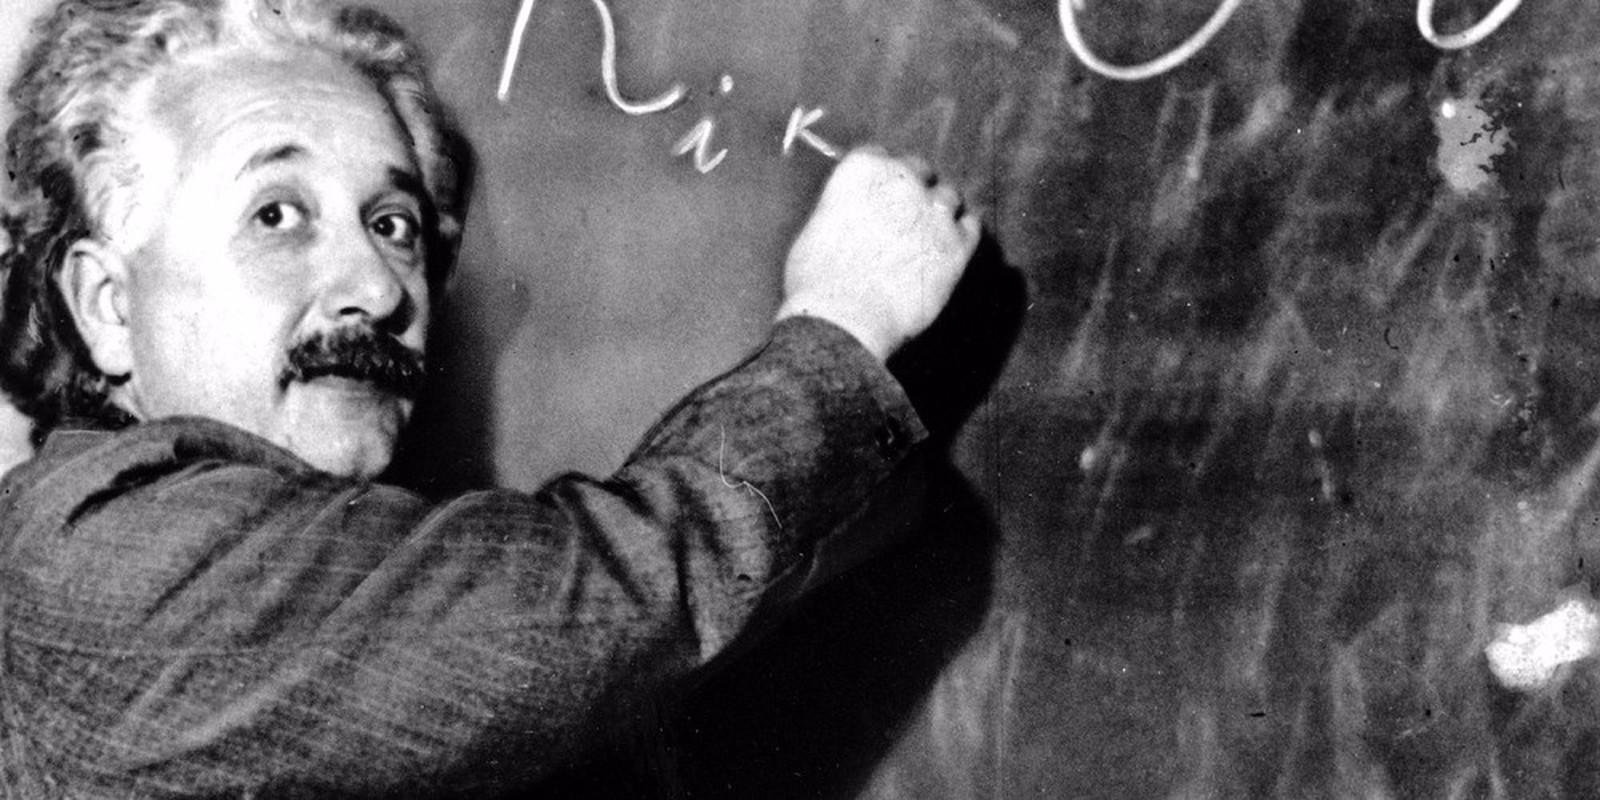 Cac con cua Einstein co tro thanh thien tai giong cha?